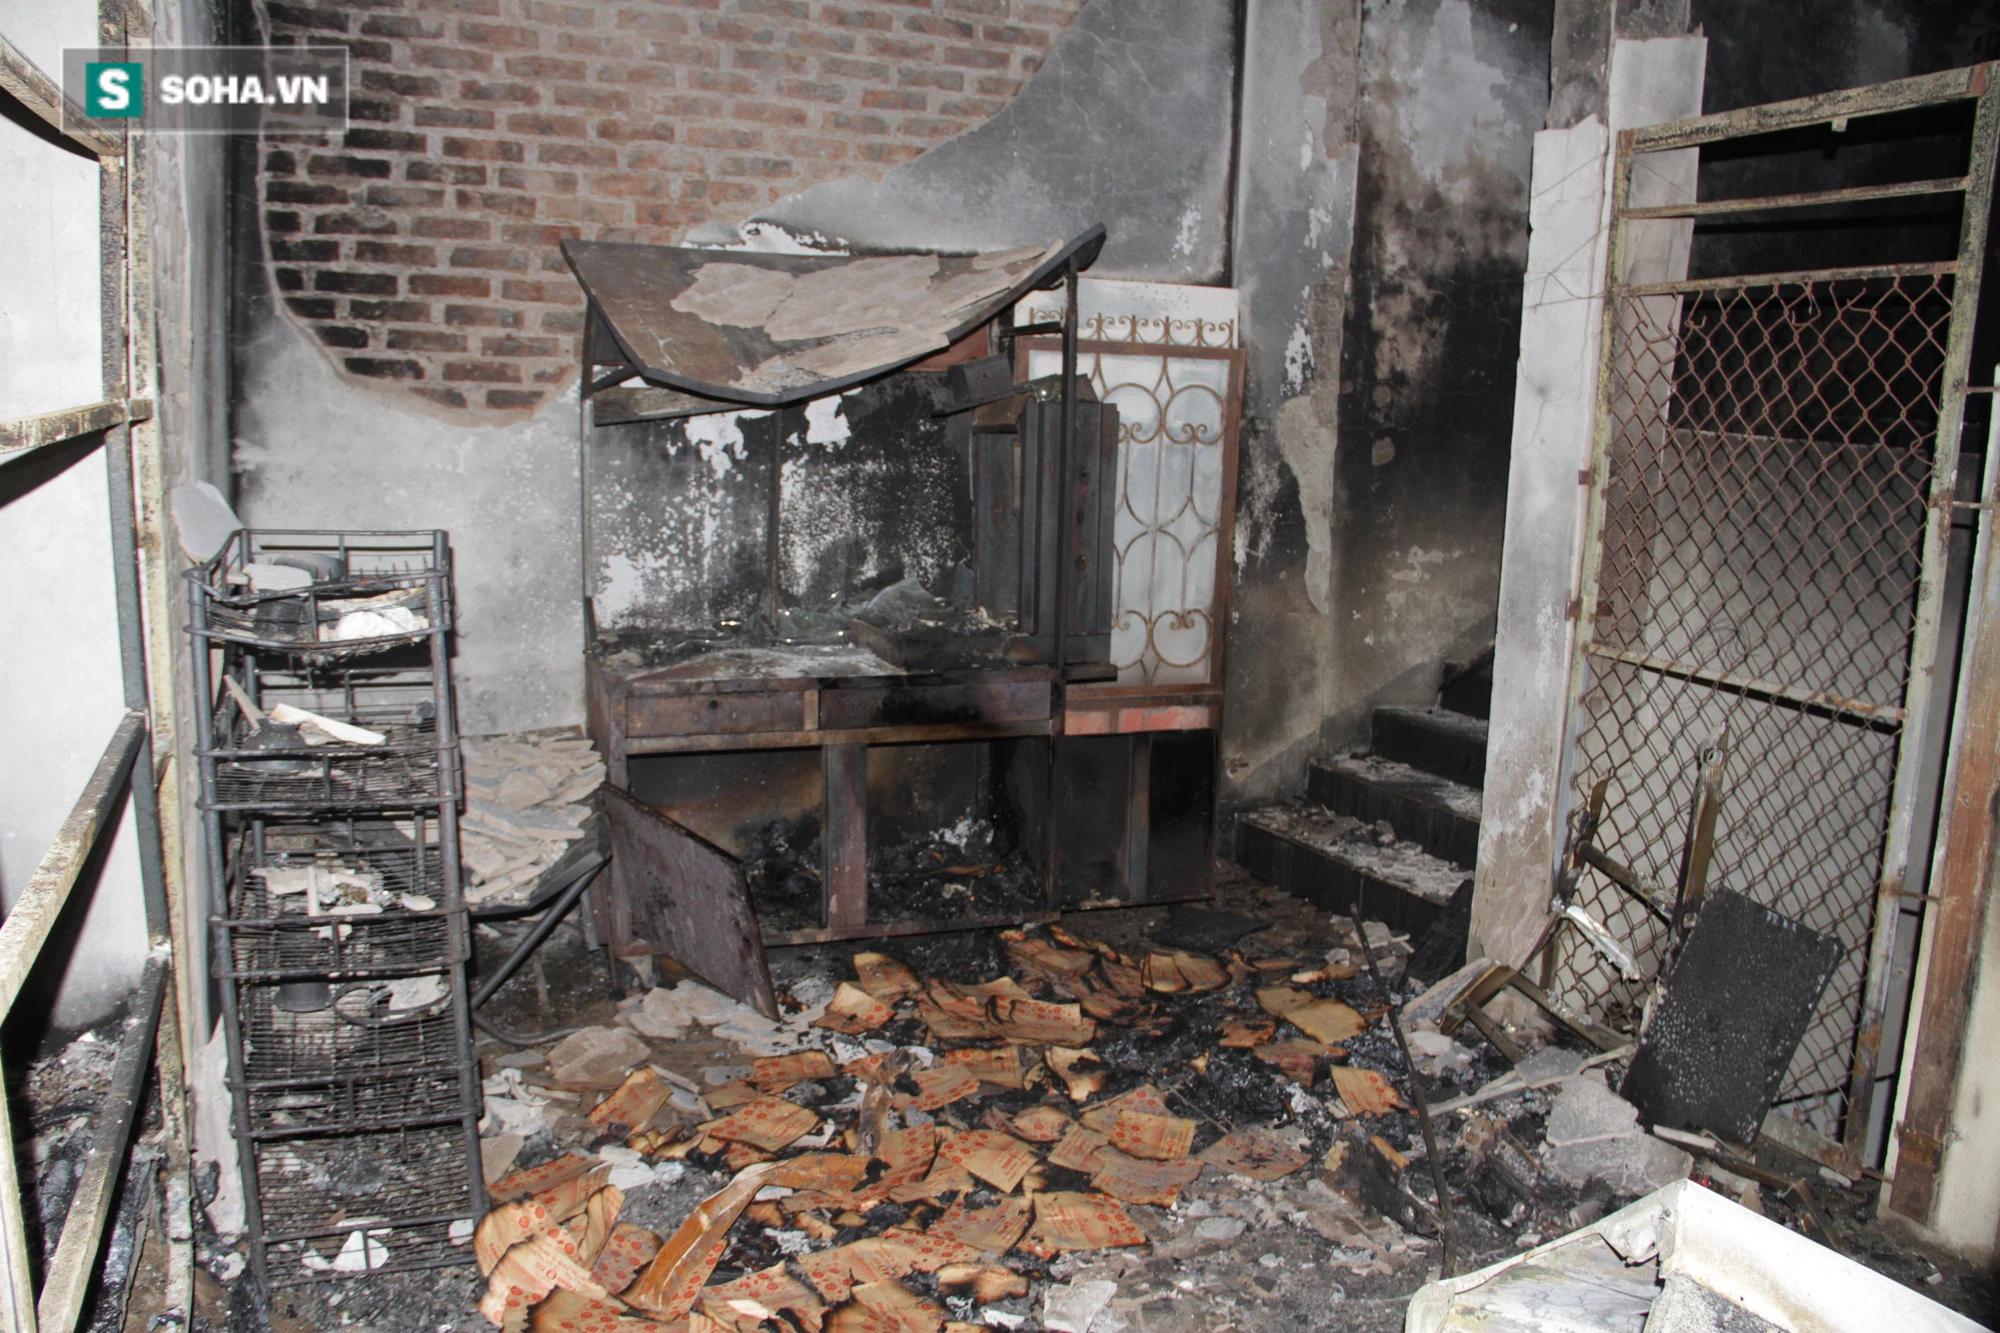 Cận cảnh hiện trường bên trong phòng trà bị cháy khiến 6 người tử vong ở Nghệ An - Ảnh 20.